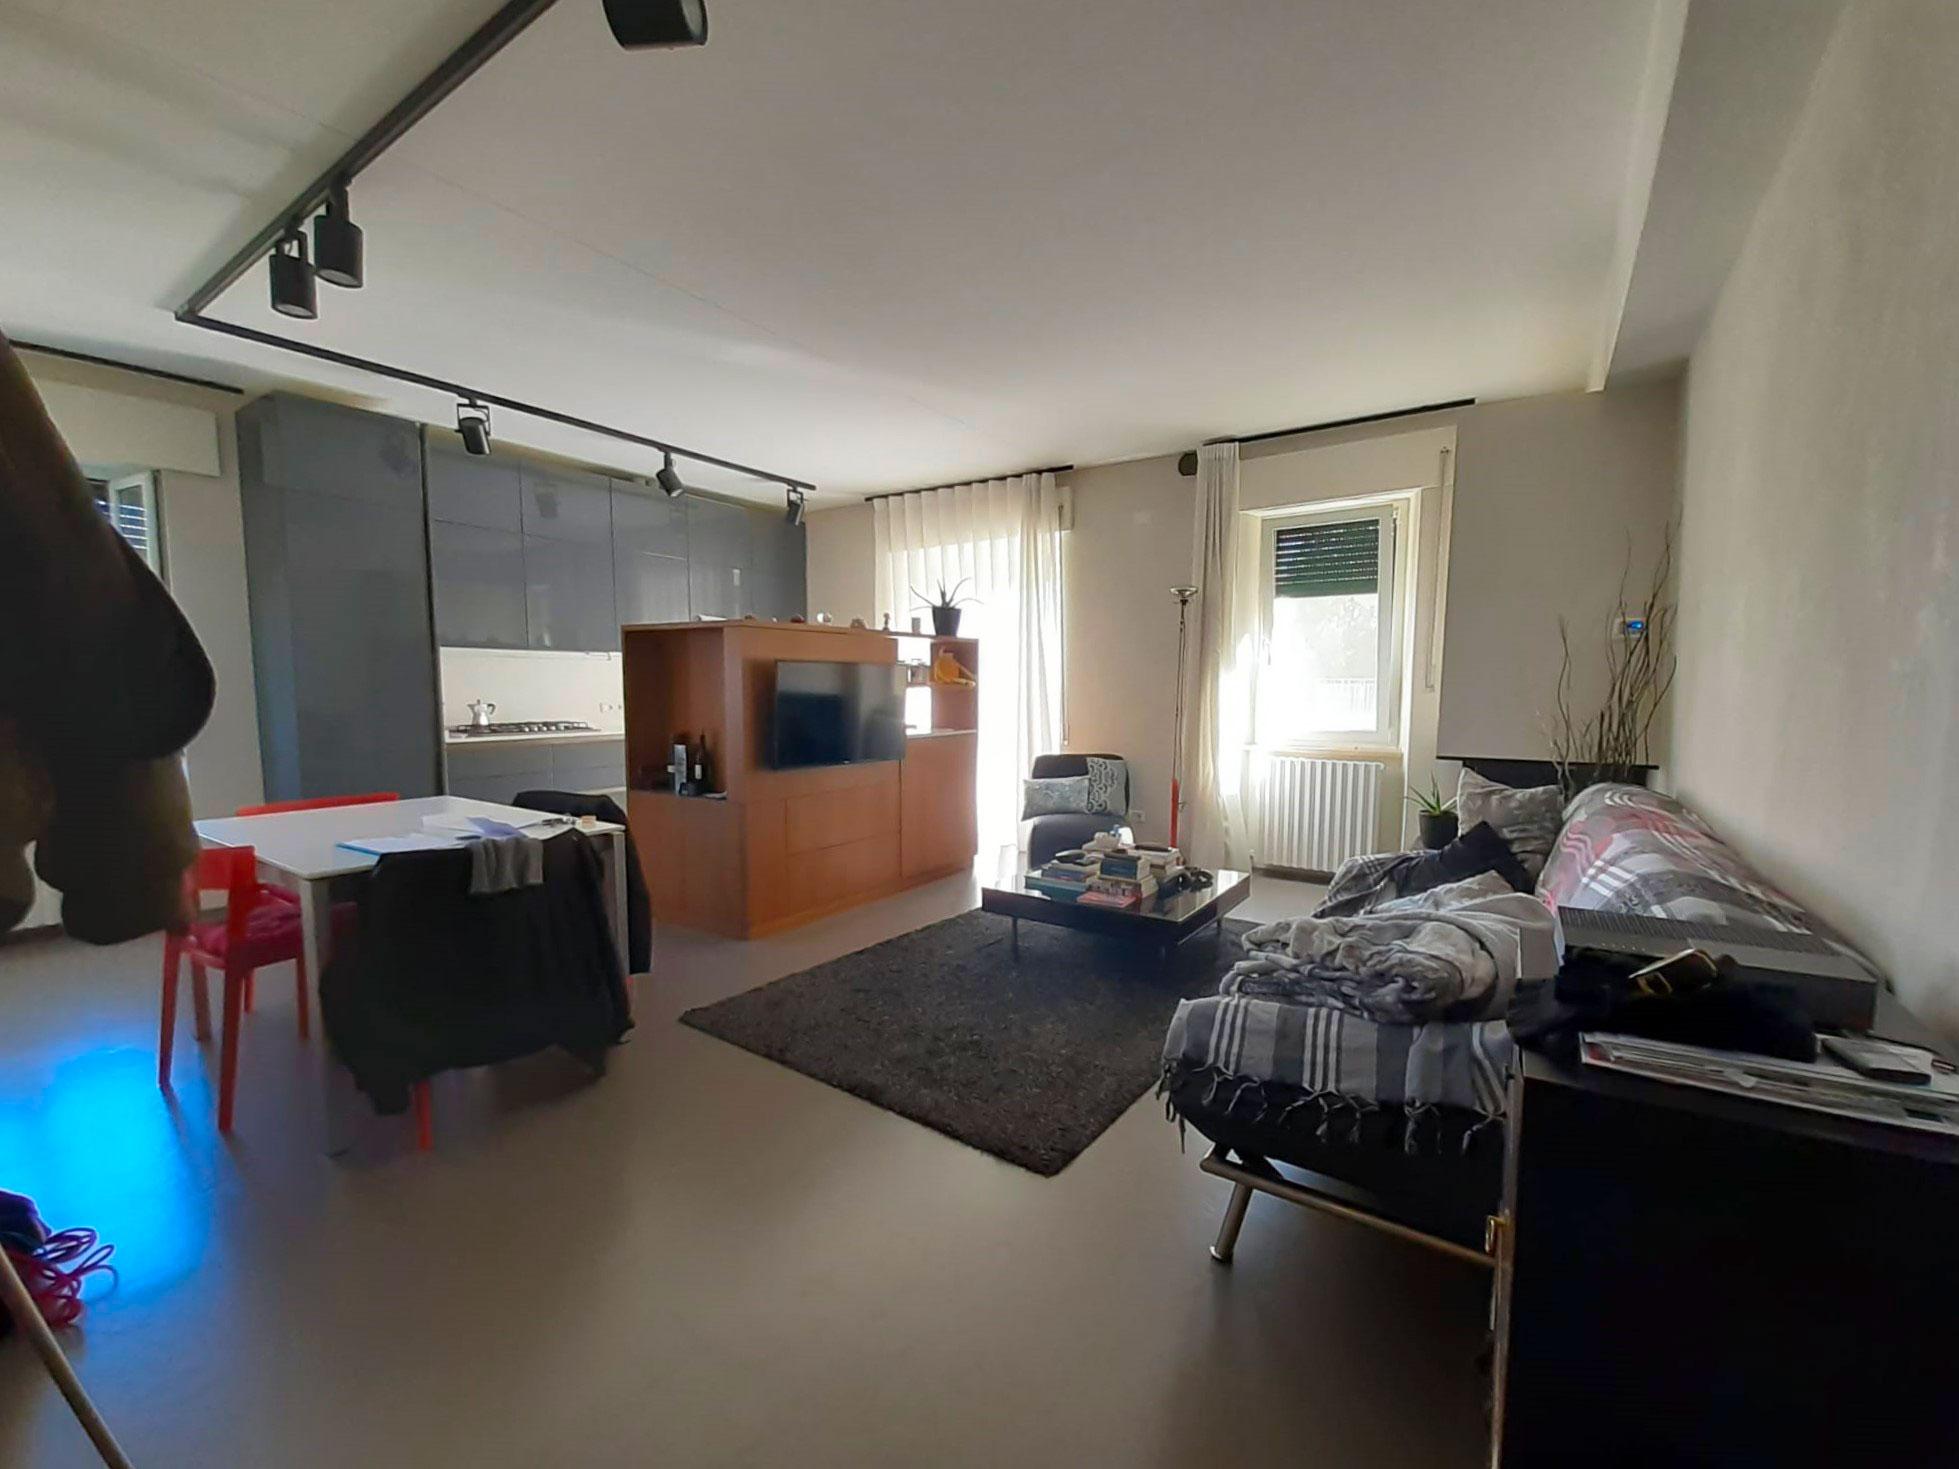 Appartamento finemente ristrutturato, Zona Via dei Velini-Macerata